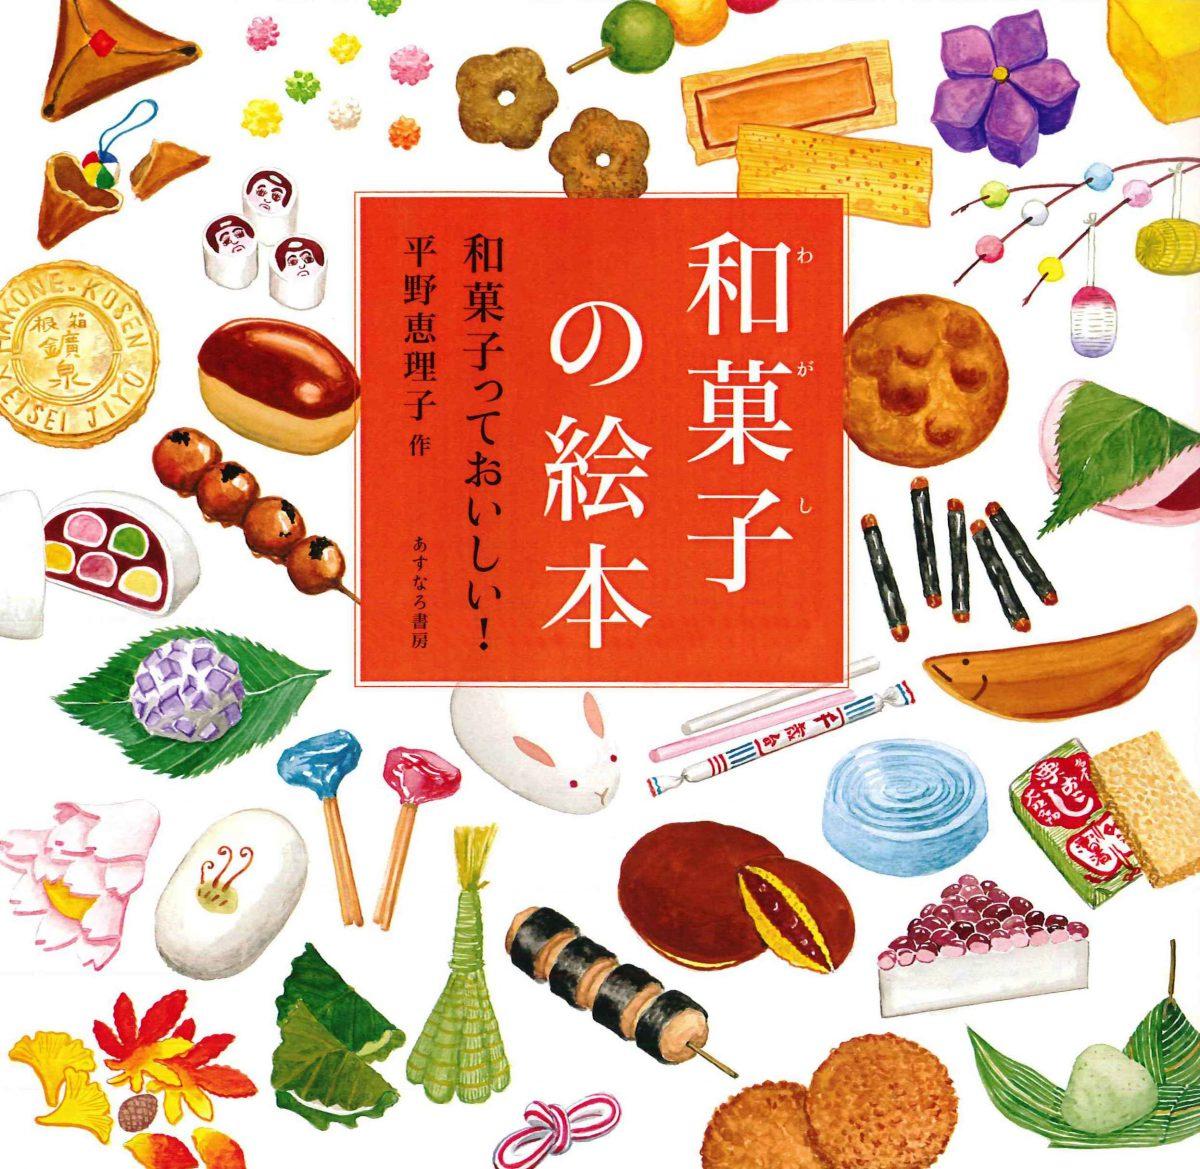 絵本「和菓子の絵本 和菓子っておいしい!」の表紙